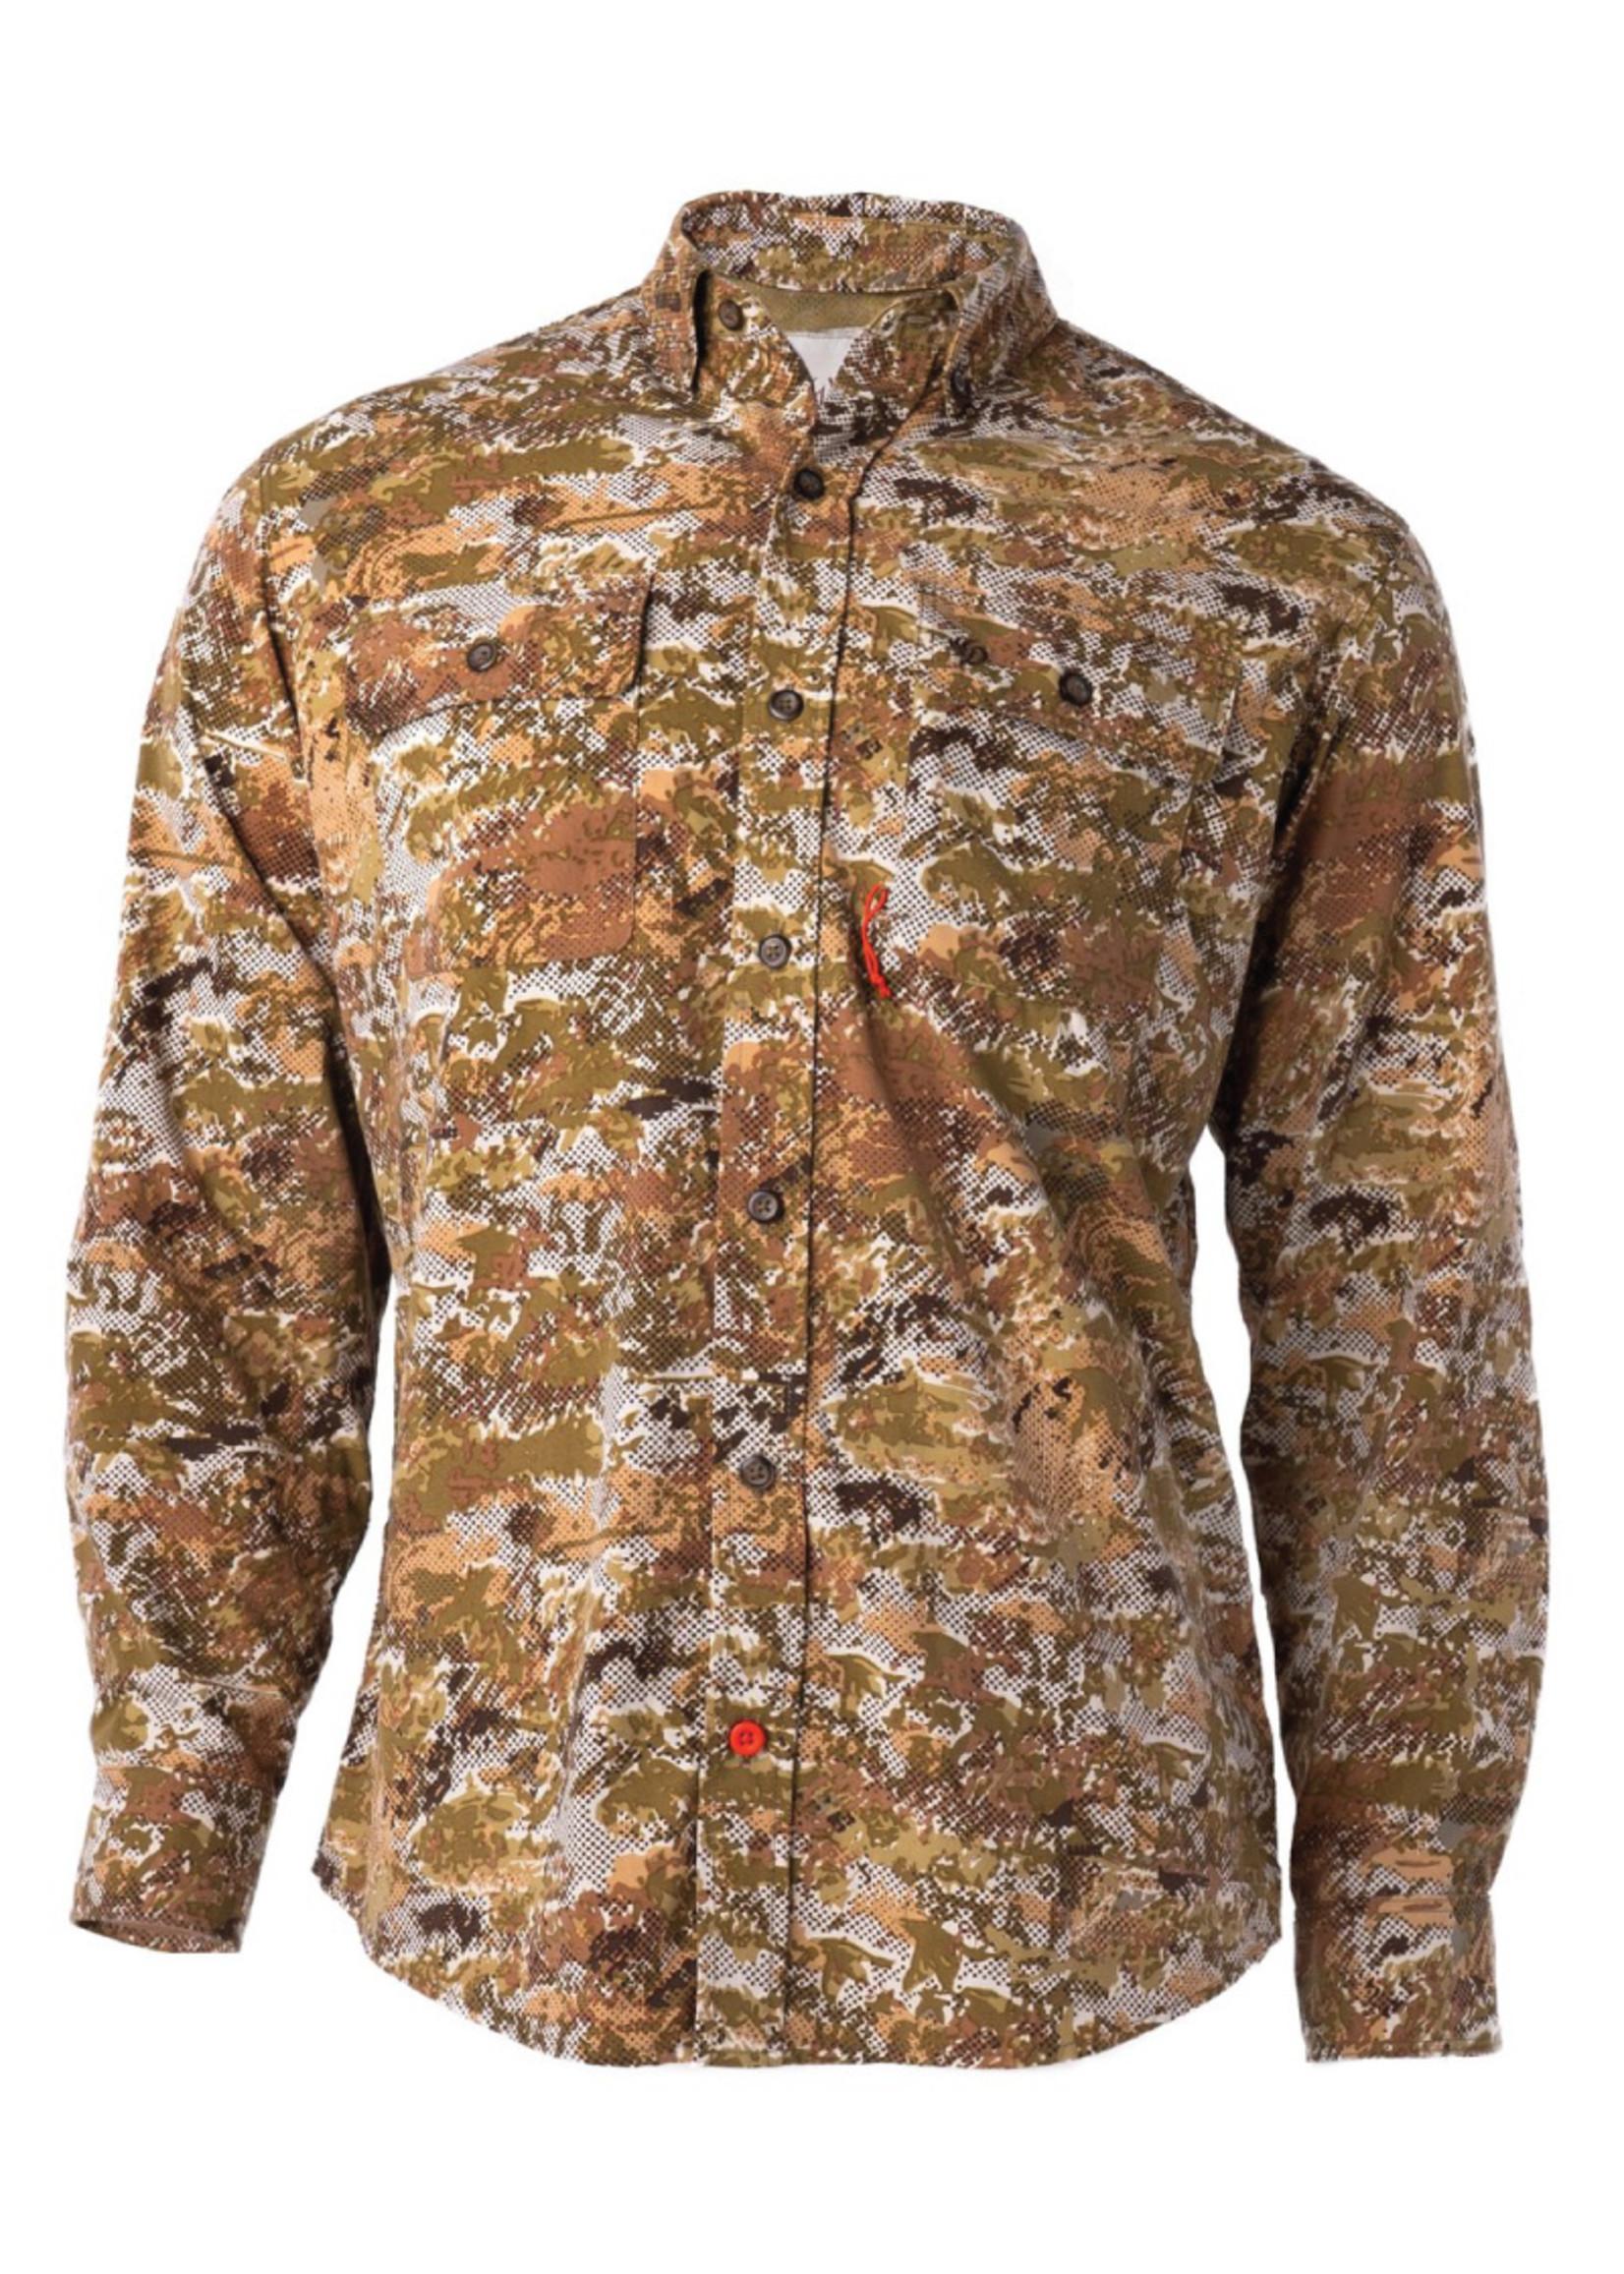 Duck Camp Duck Camp Lightweight Hunting Shirt Long Sleeve